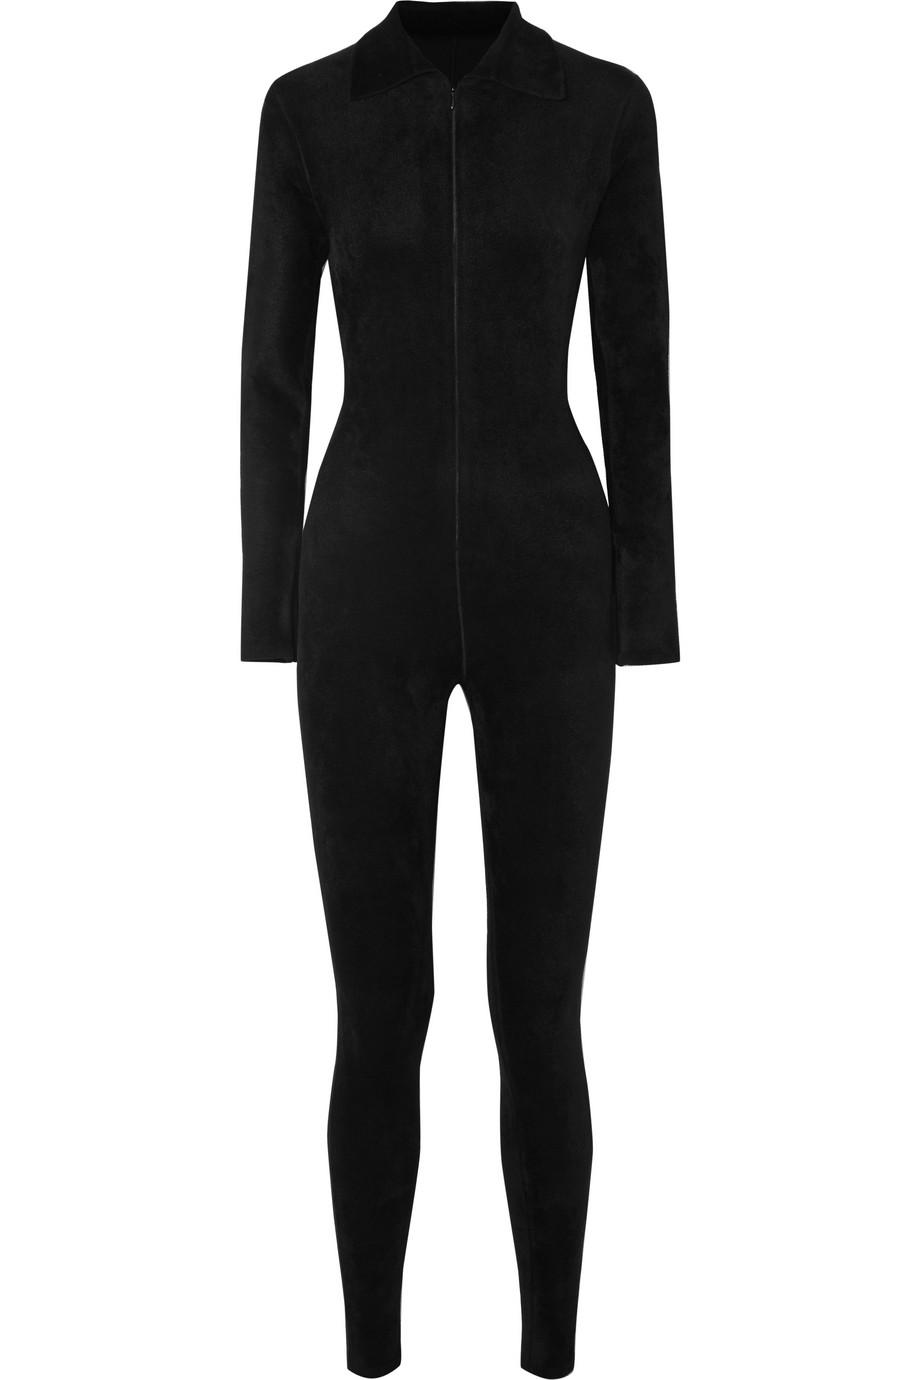 Alaïa Stretch-velour jumpsuit